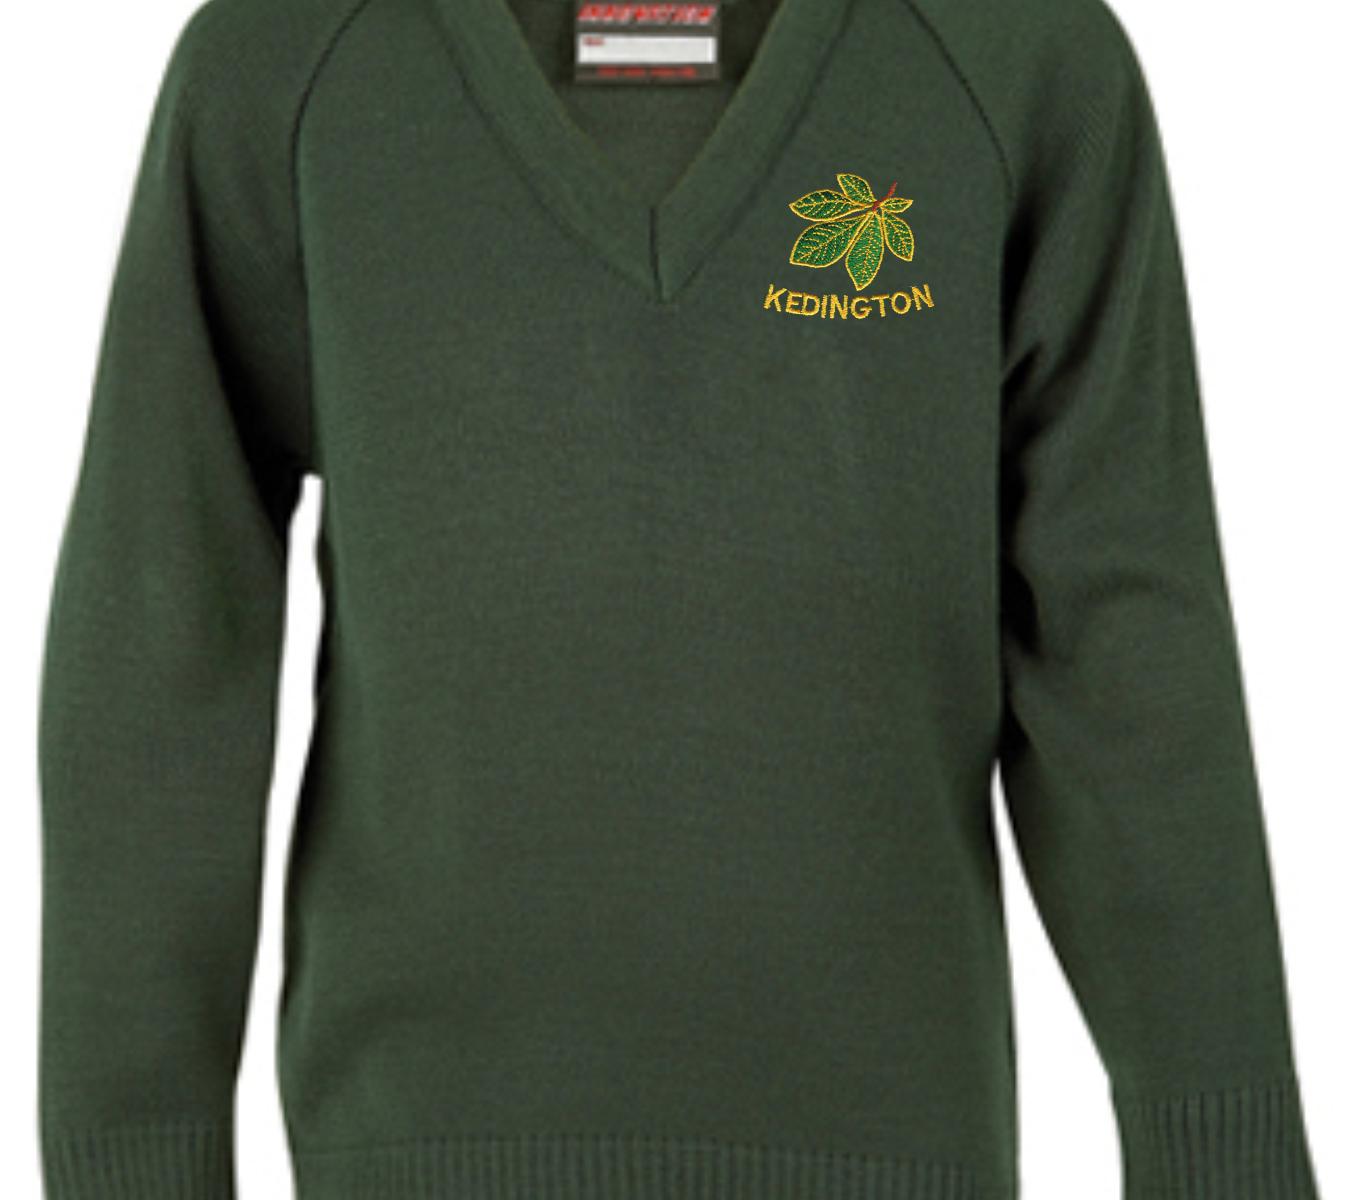 Home   School Uniform   Kedington   Kedington Knitted V-Neck Jumper 33fbd0d95d89d